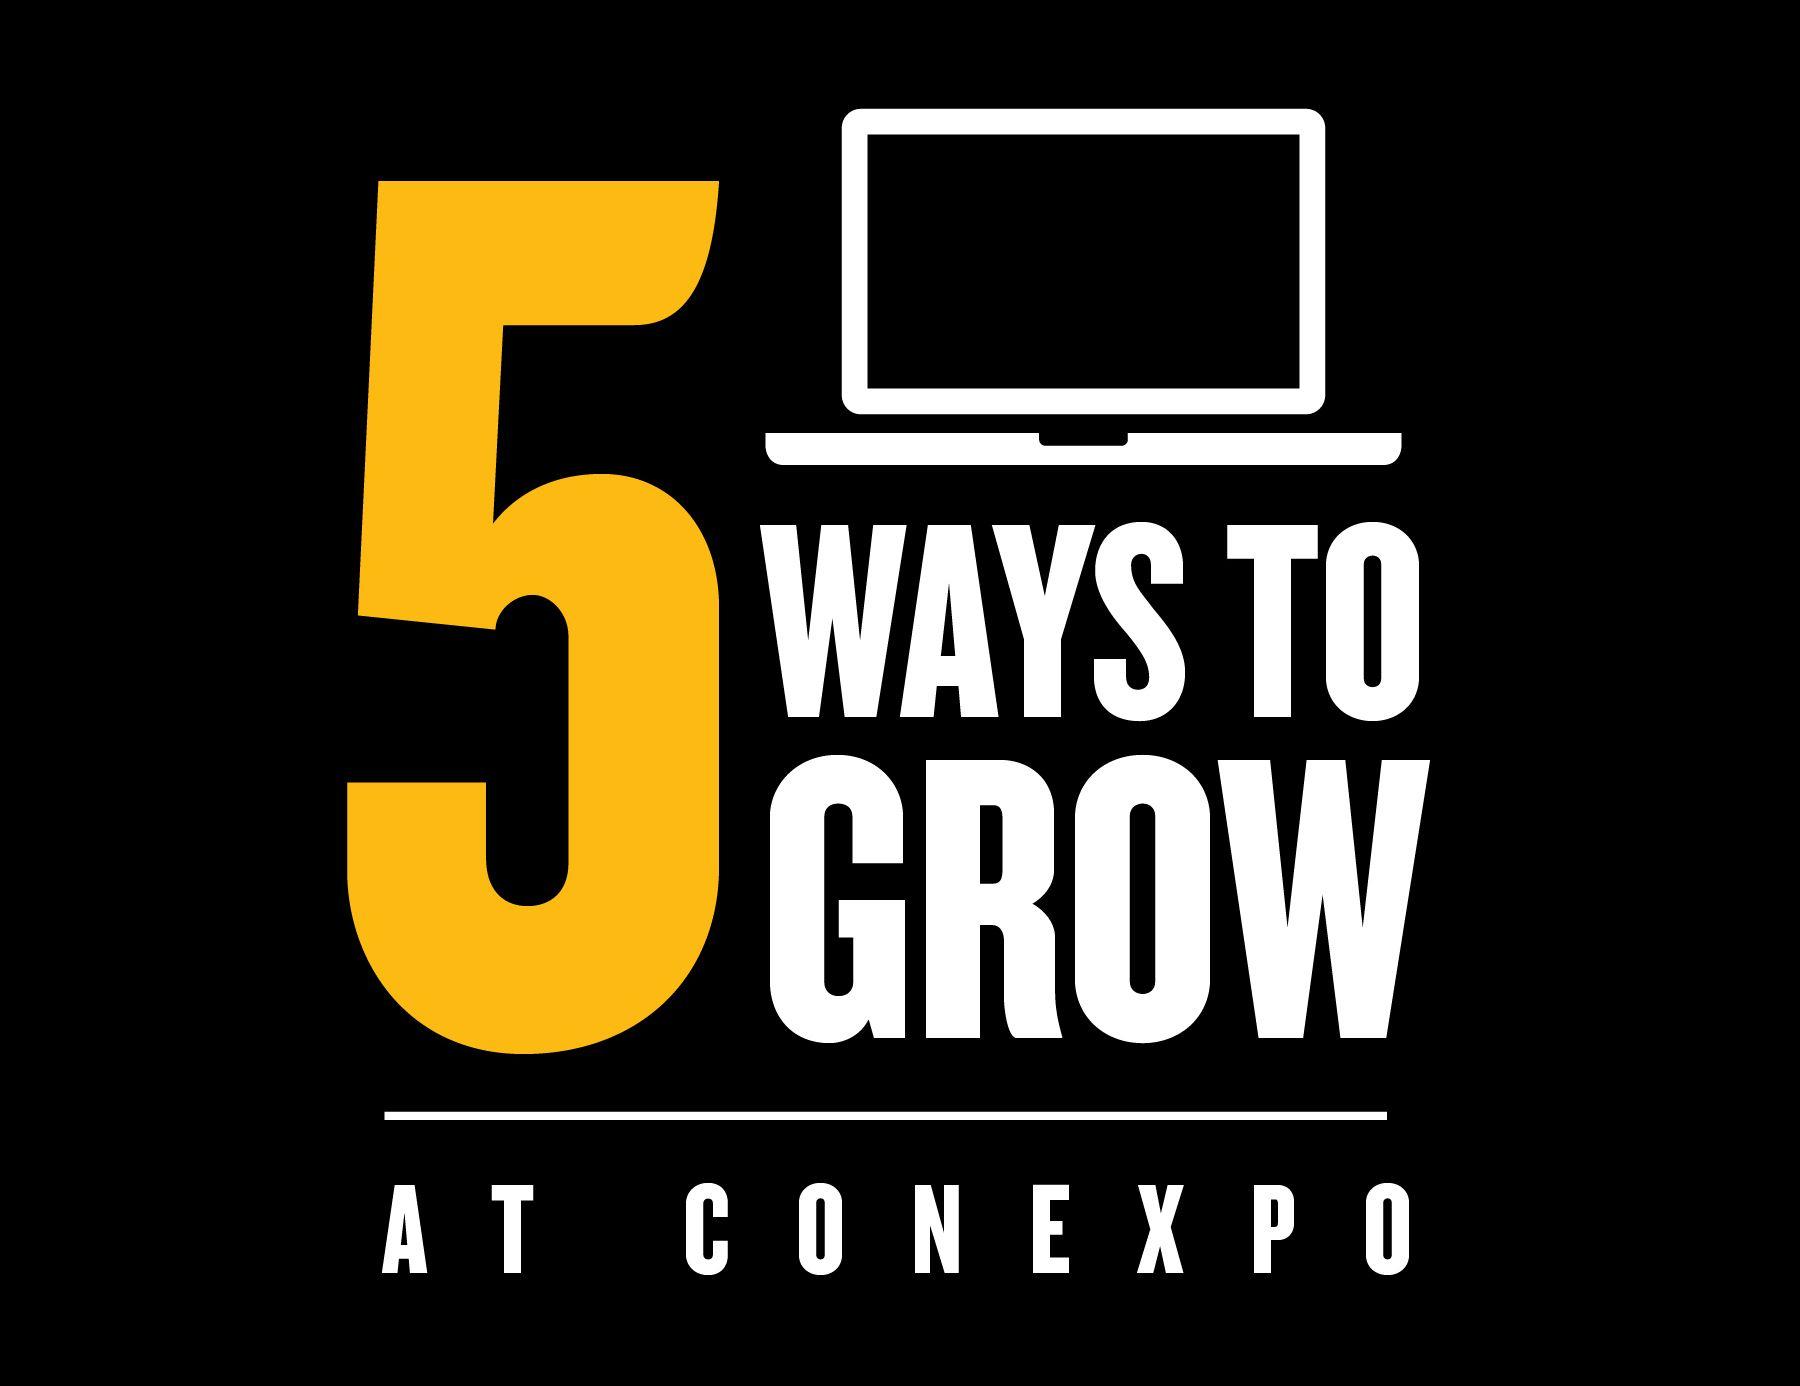 5 Ways to Grow at Conexpo